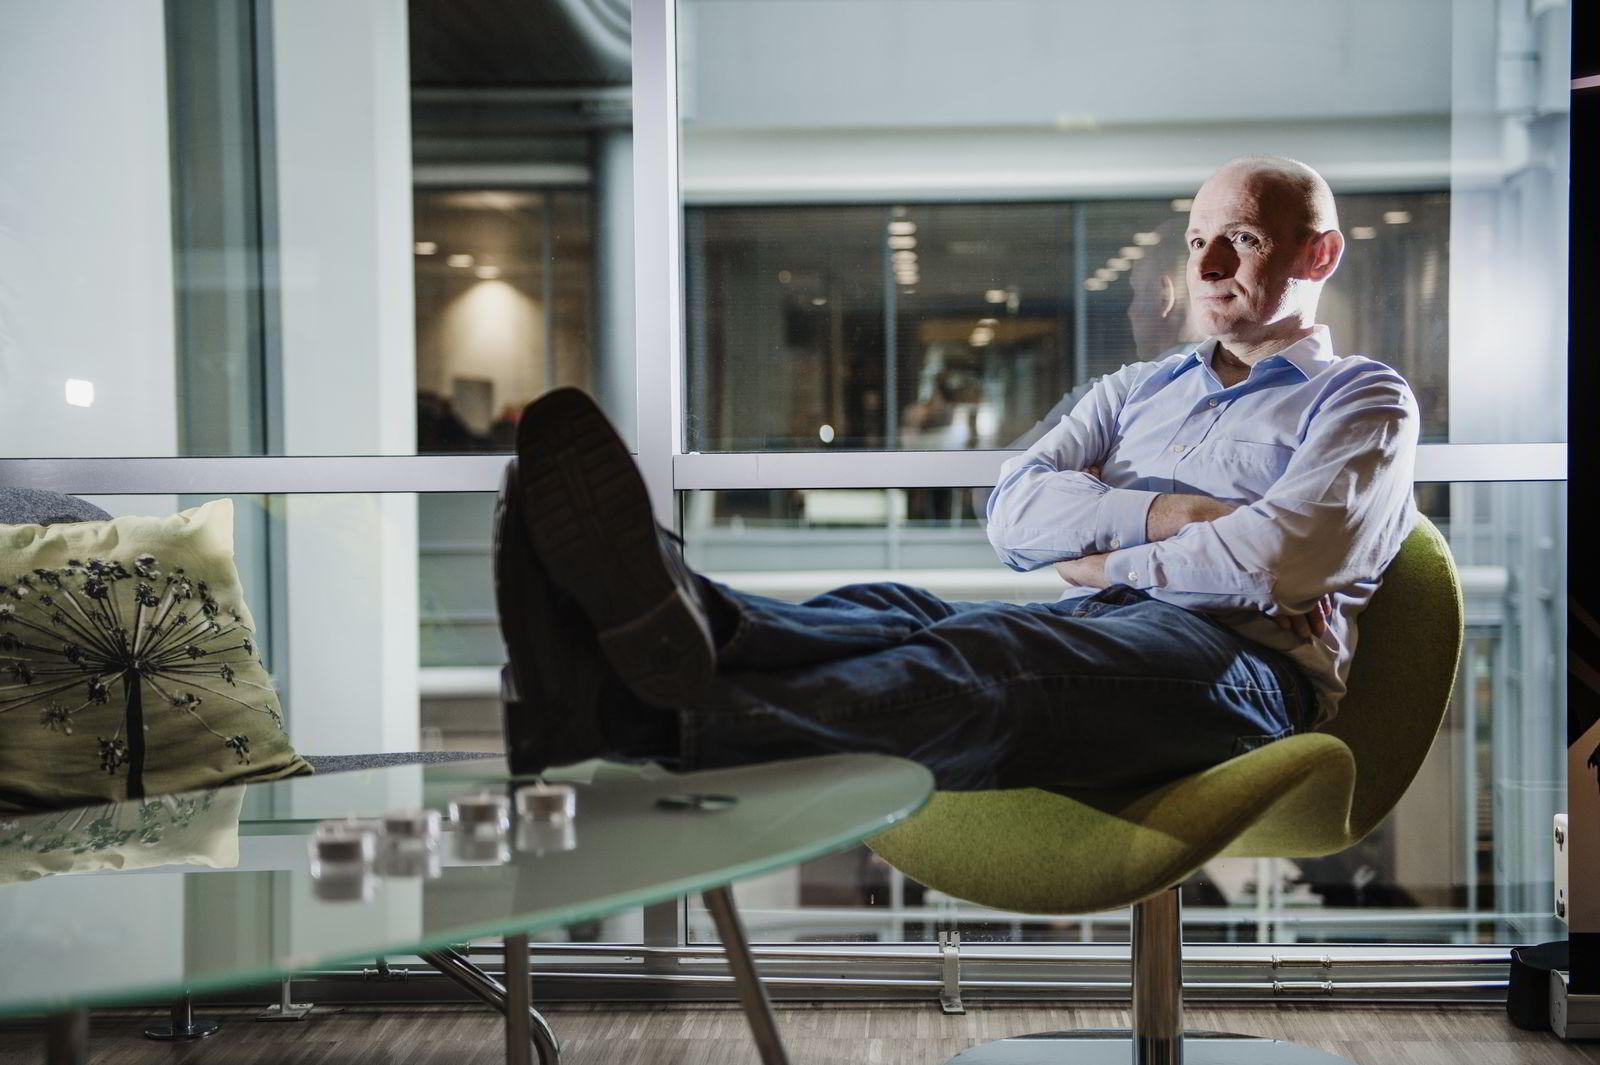 Seriegründer Geir Førre. Foto:Hampus Lundgren